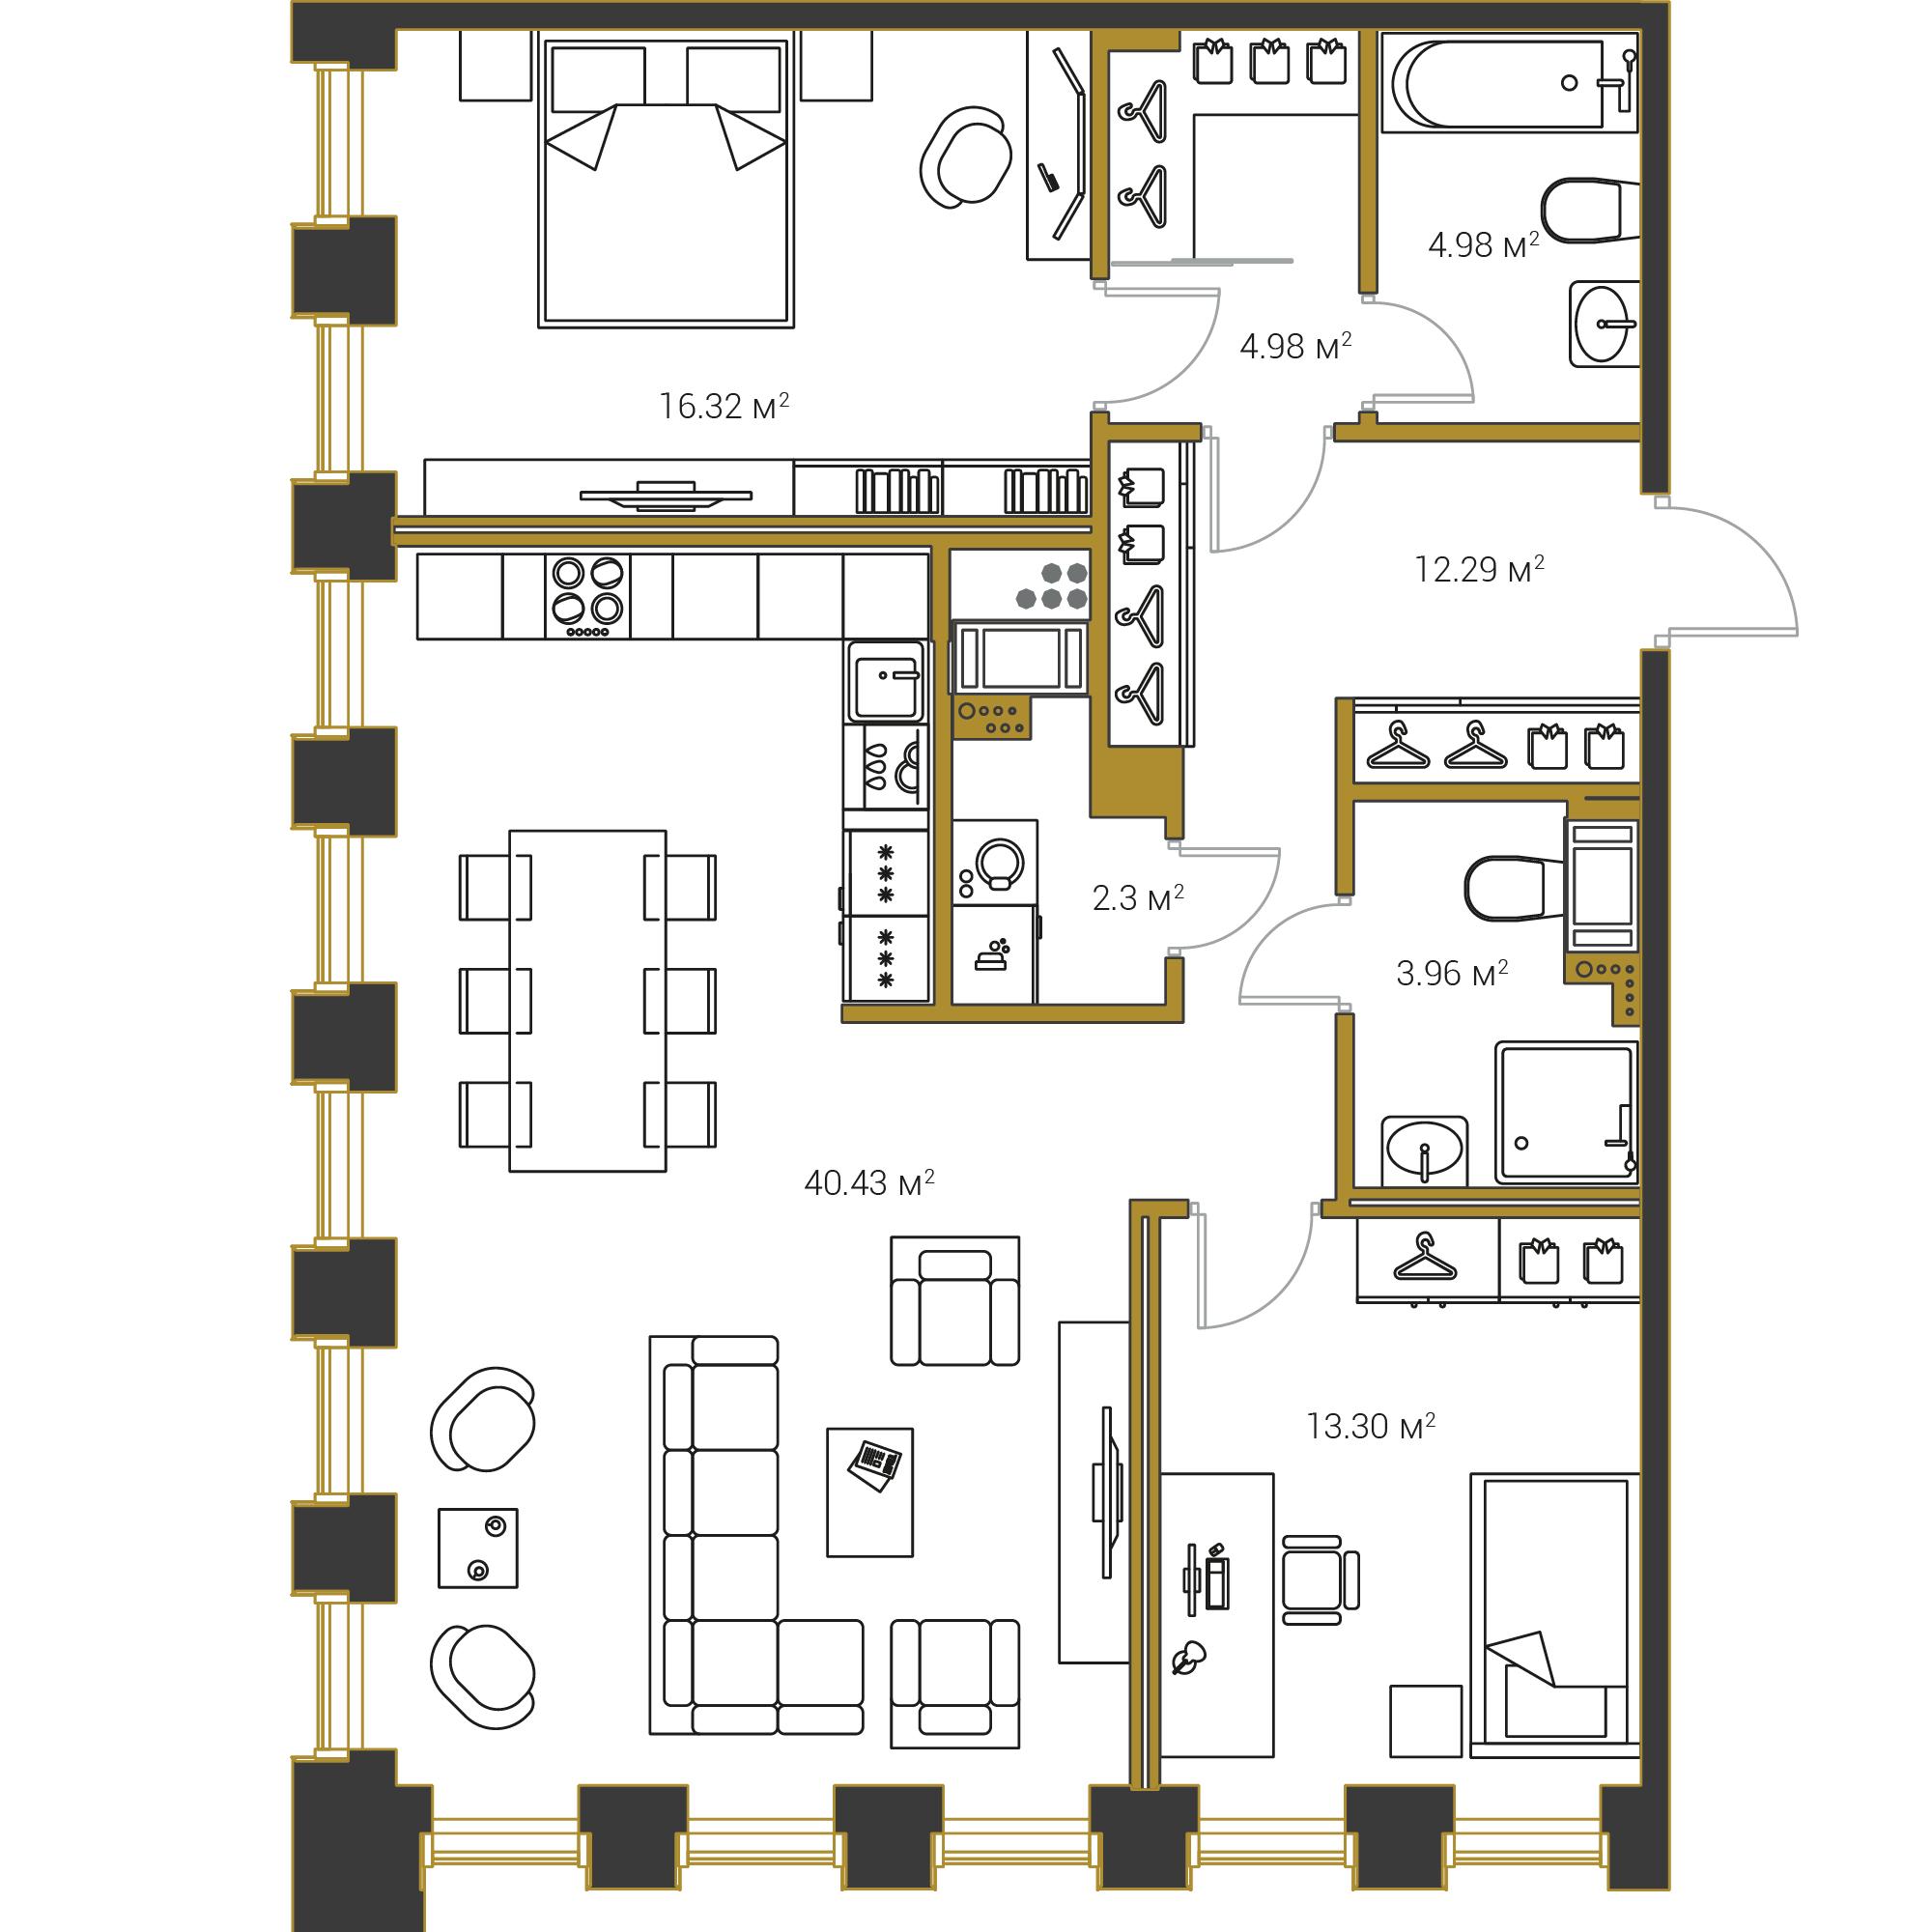 2-комнатная квартира №16 в: Институтский,16: 98.53 м²; этаж: 4 - купить в Санкт-Петербурге